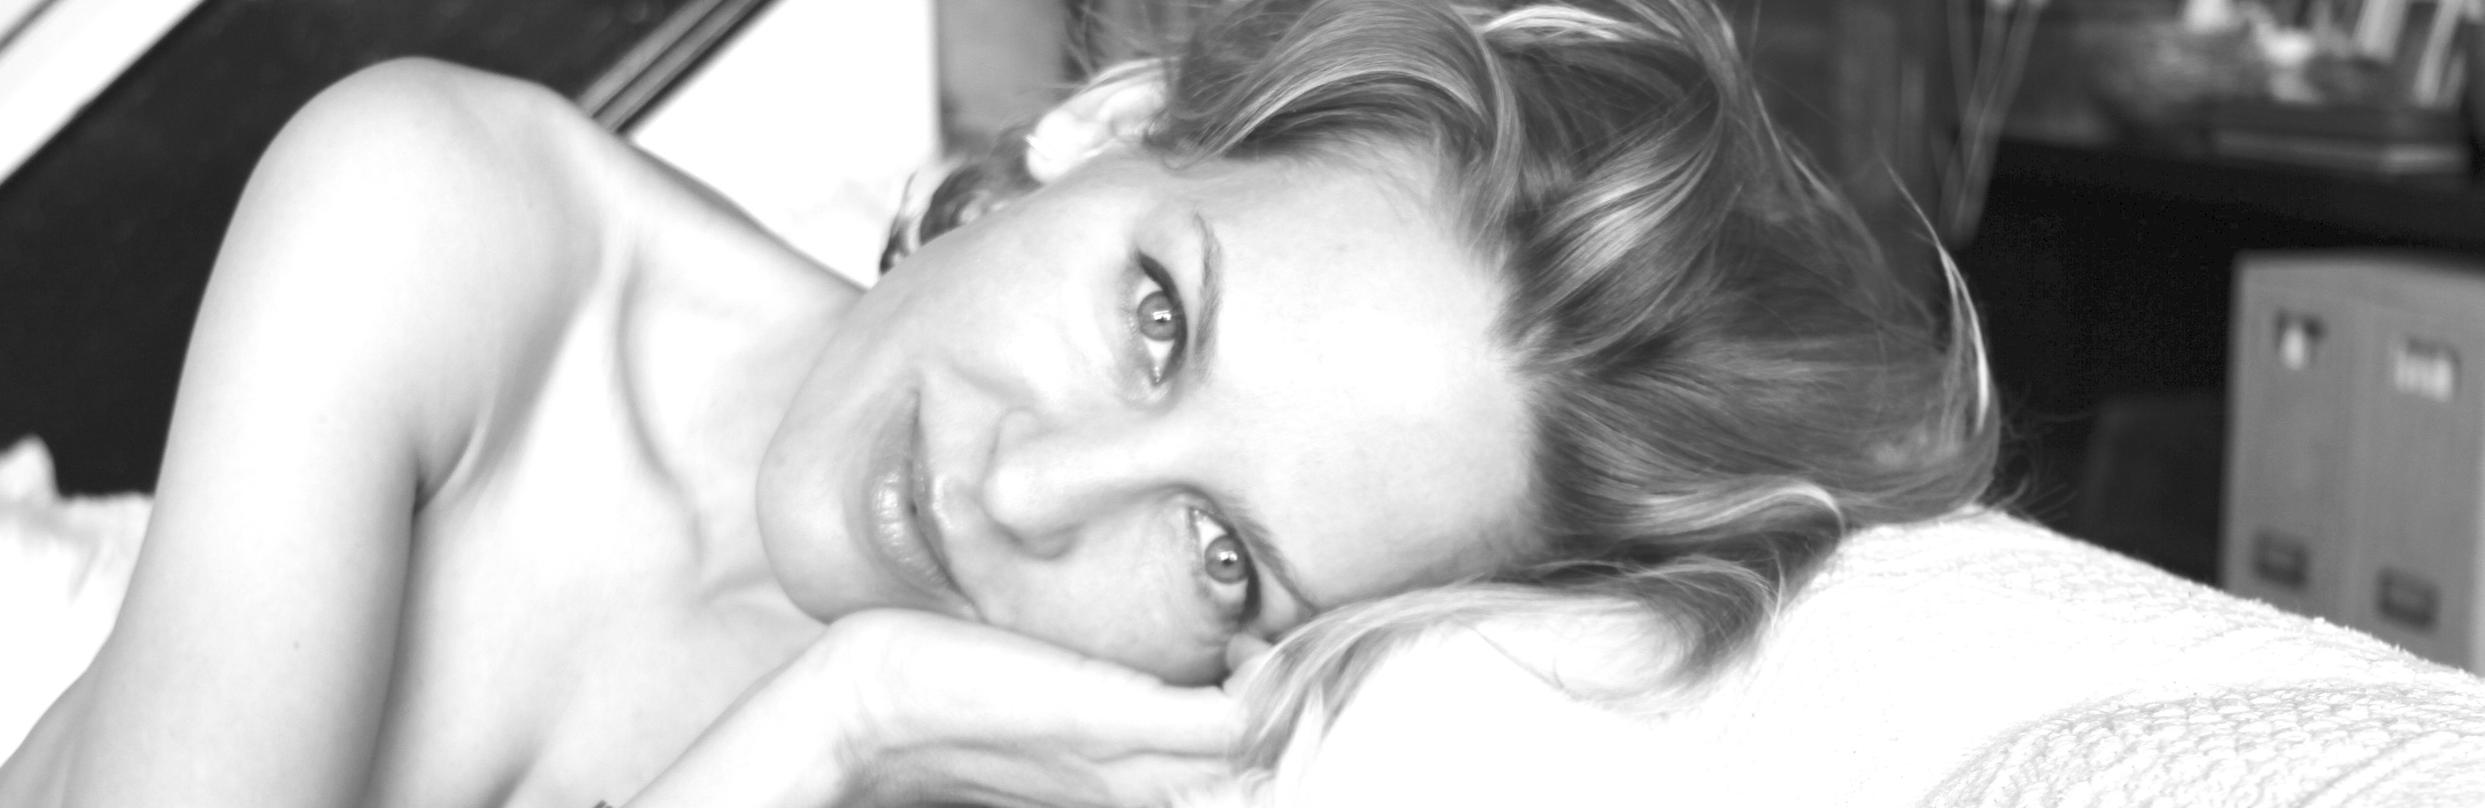 Rebekah Kelley, Founder & Creator of VIRTUE SKINFOOD